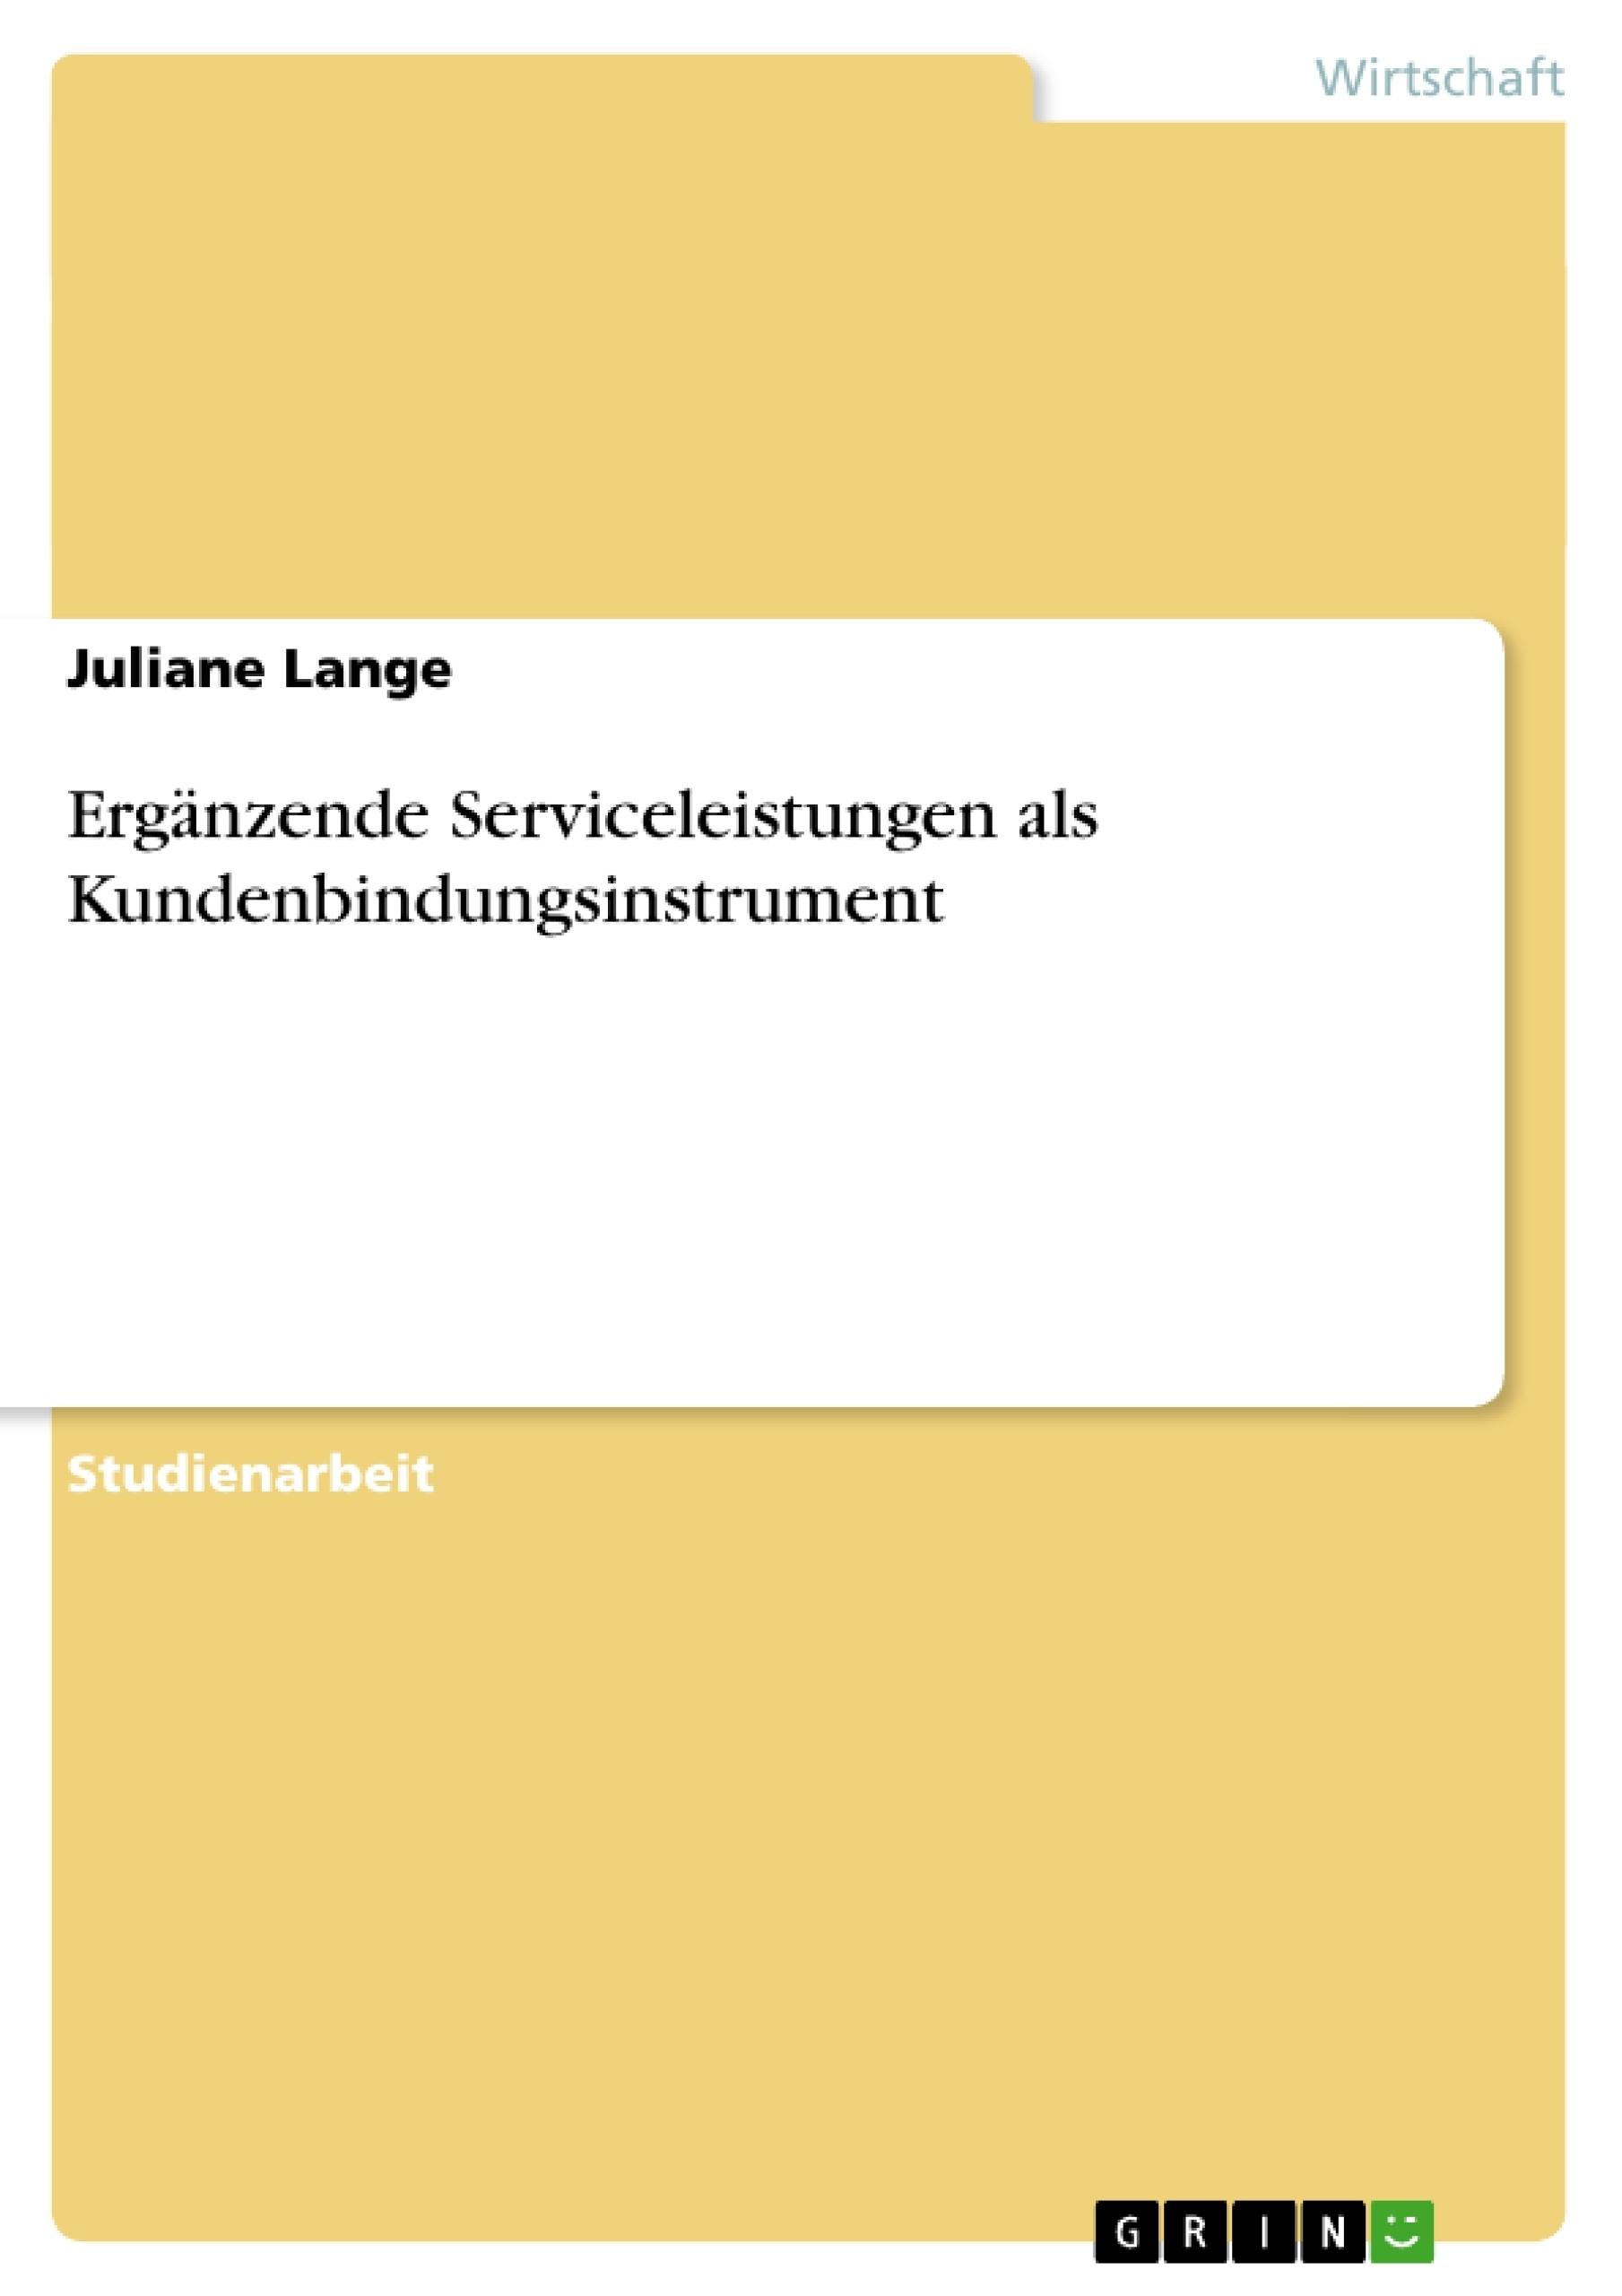 Titel: Ergänzende Serviceleistungen als Kundenbindungsinstrument